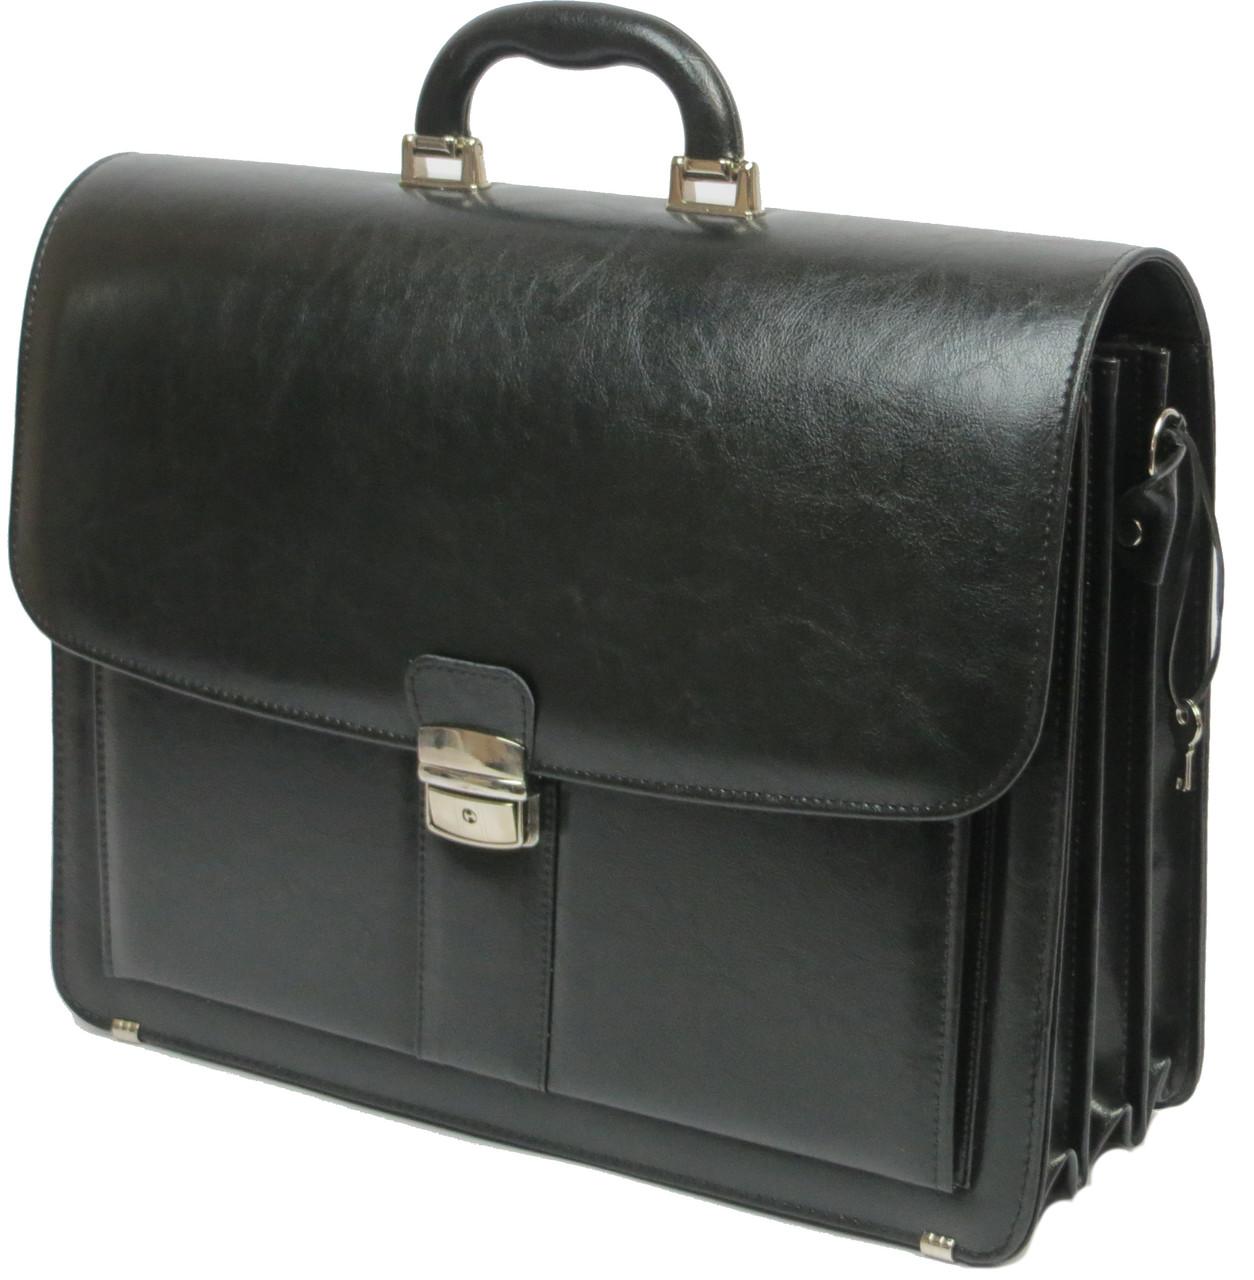 Большой деловой портфель из искусственной кожи на 4 отдела, Jurom Польша 0-41-111 чёрный